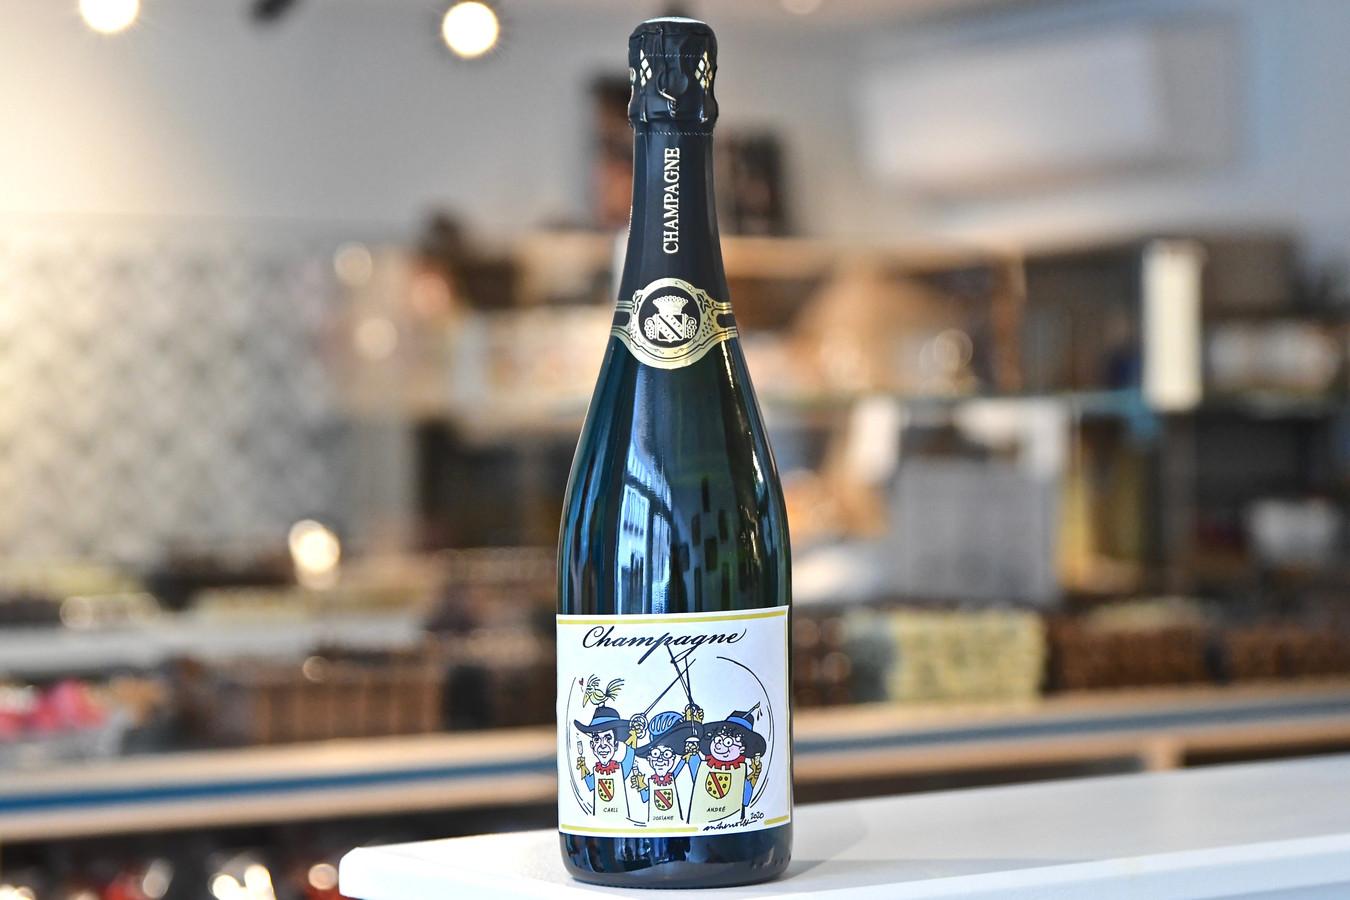 Chicolat verkoopt een exclusieve champagne. Deze is gepersonaliseerd met een cartoon van de Wervikse ereburgers André Nollet , Josianne Vanhuysse en Carll Cneut.